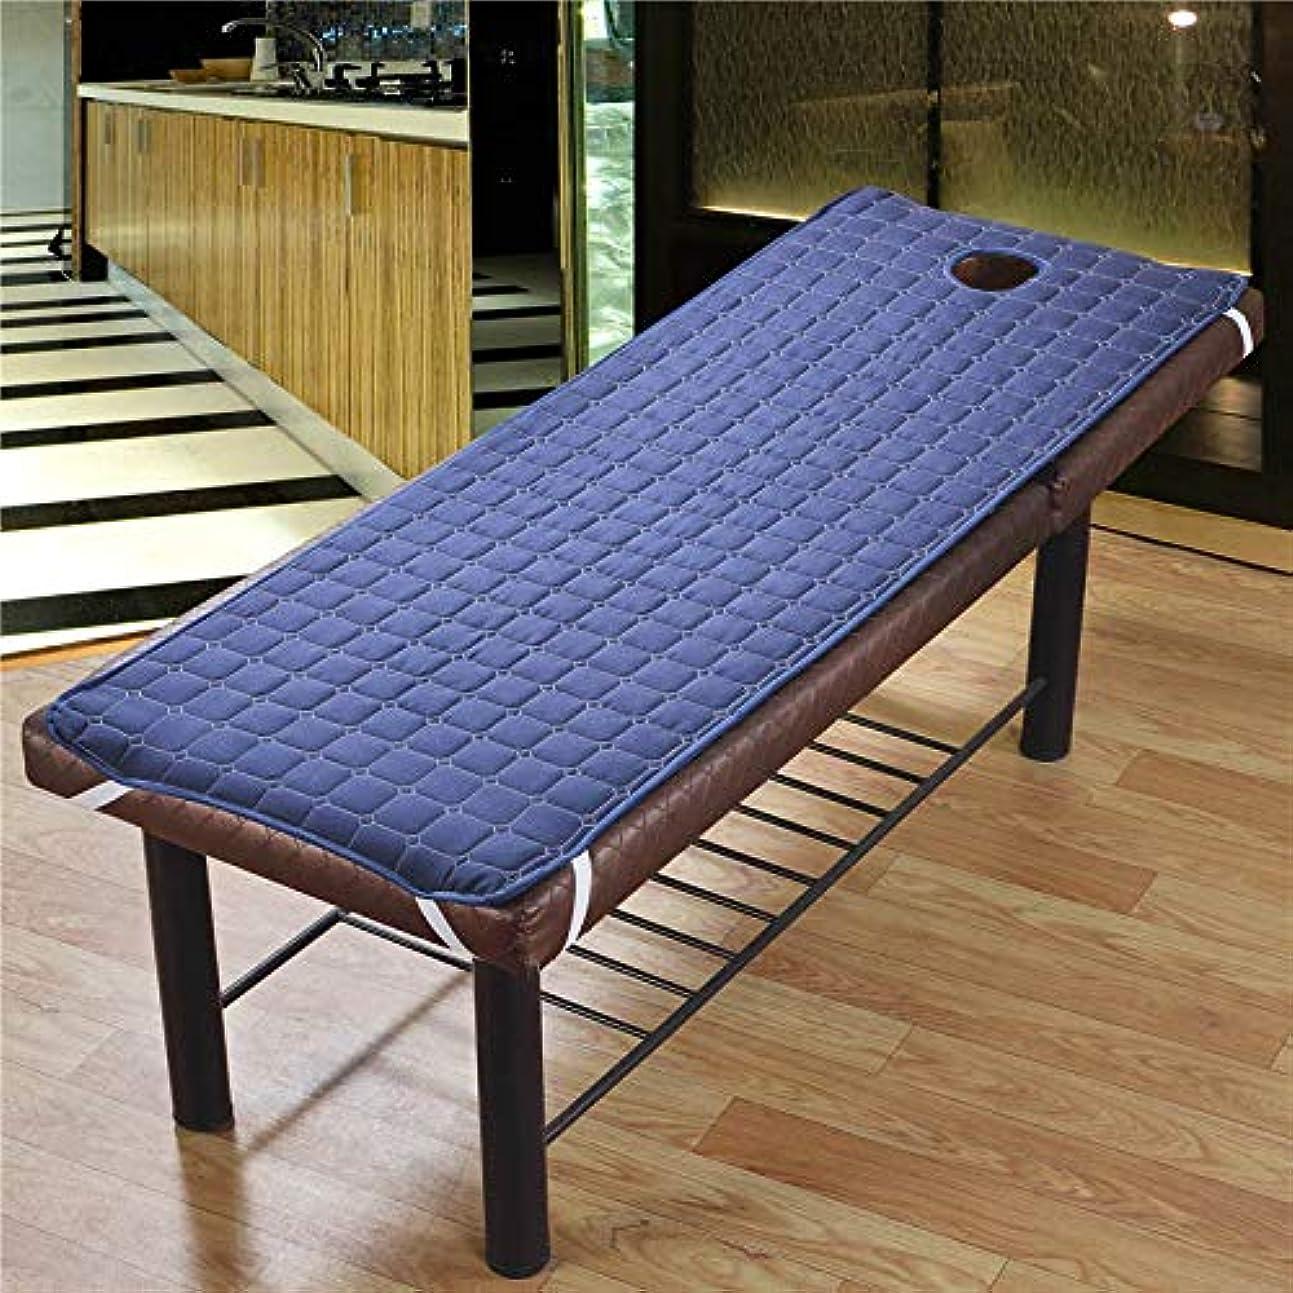 交じる未来医師Tenflyer 美容院のマッサージ療法のベッドのための滑り止めのSoliod色の長方形のマットレス